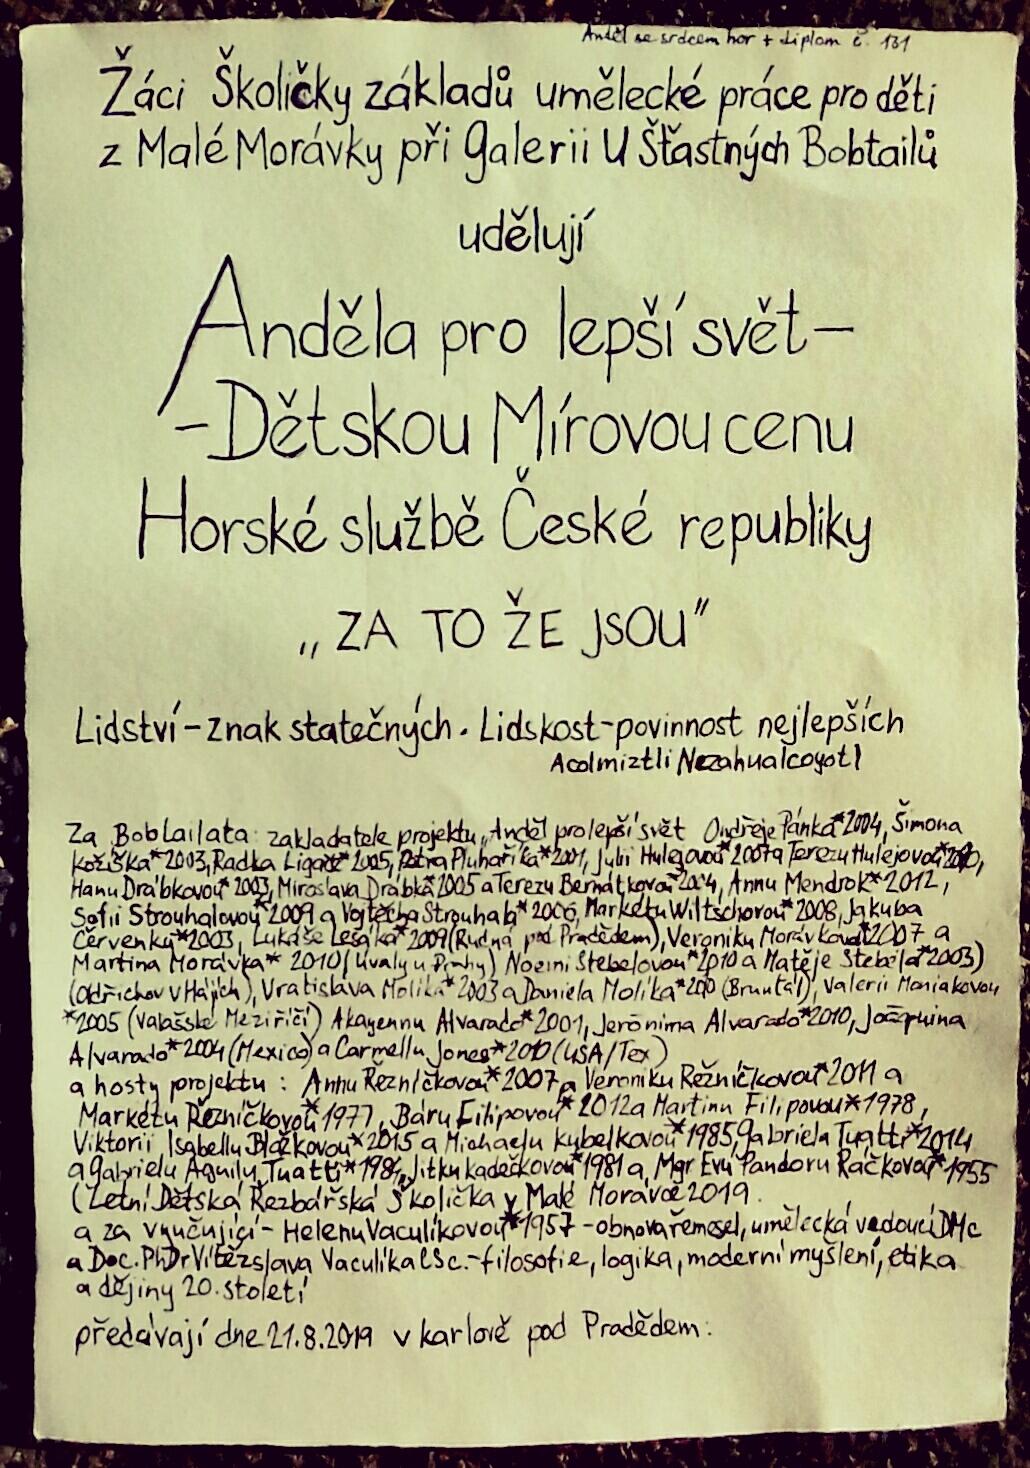 Dětská Mírová cena – Anděl pro lepší svět zdroj foto: HS